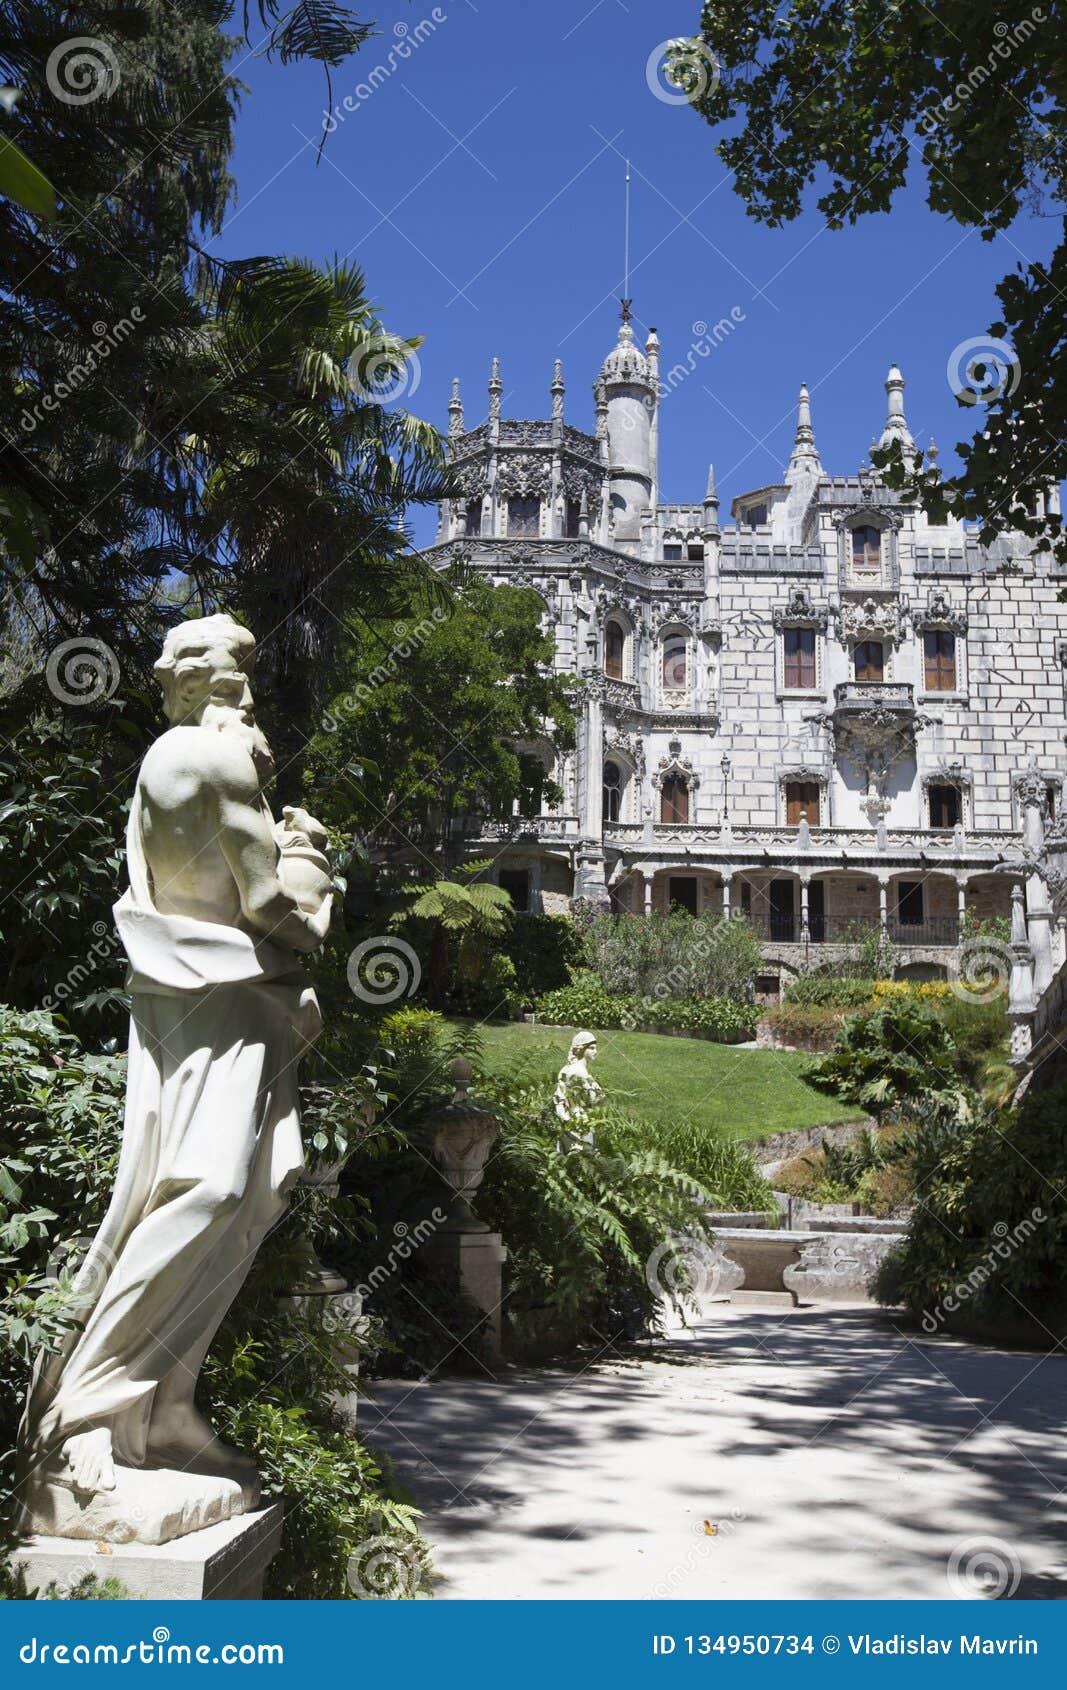 Quinta da Regaleira, Sintra, Portugal, 2012